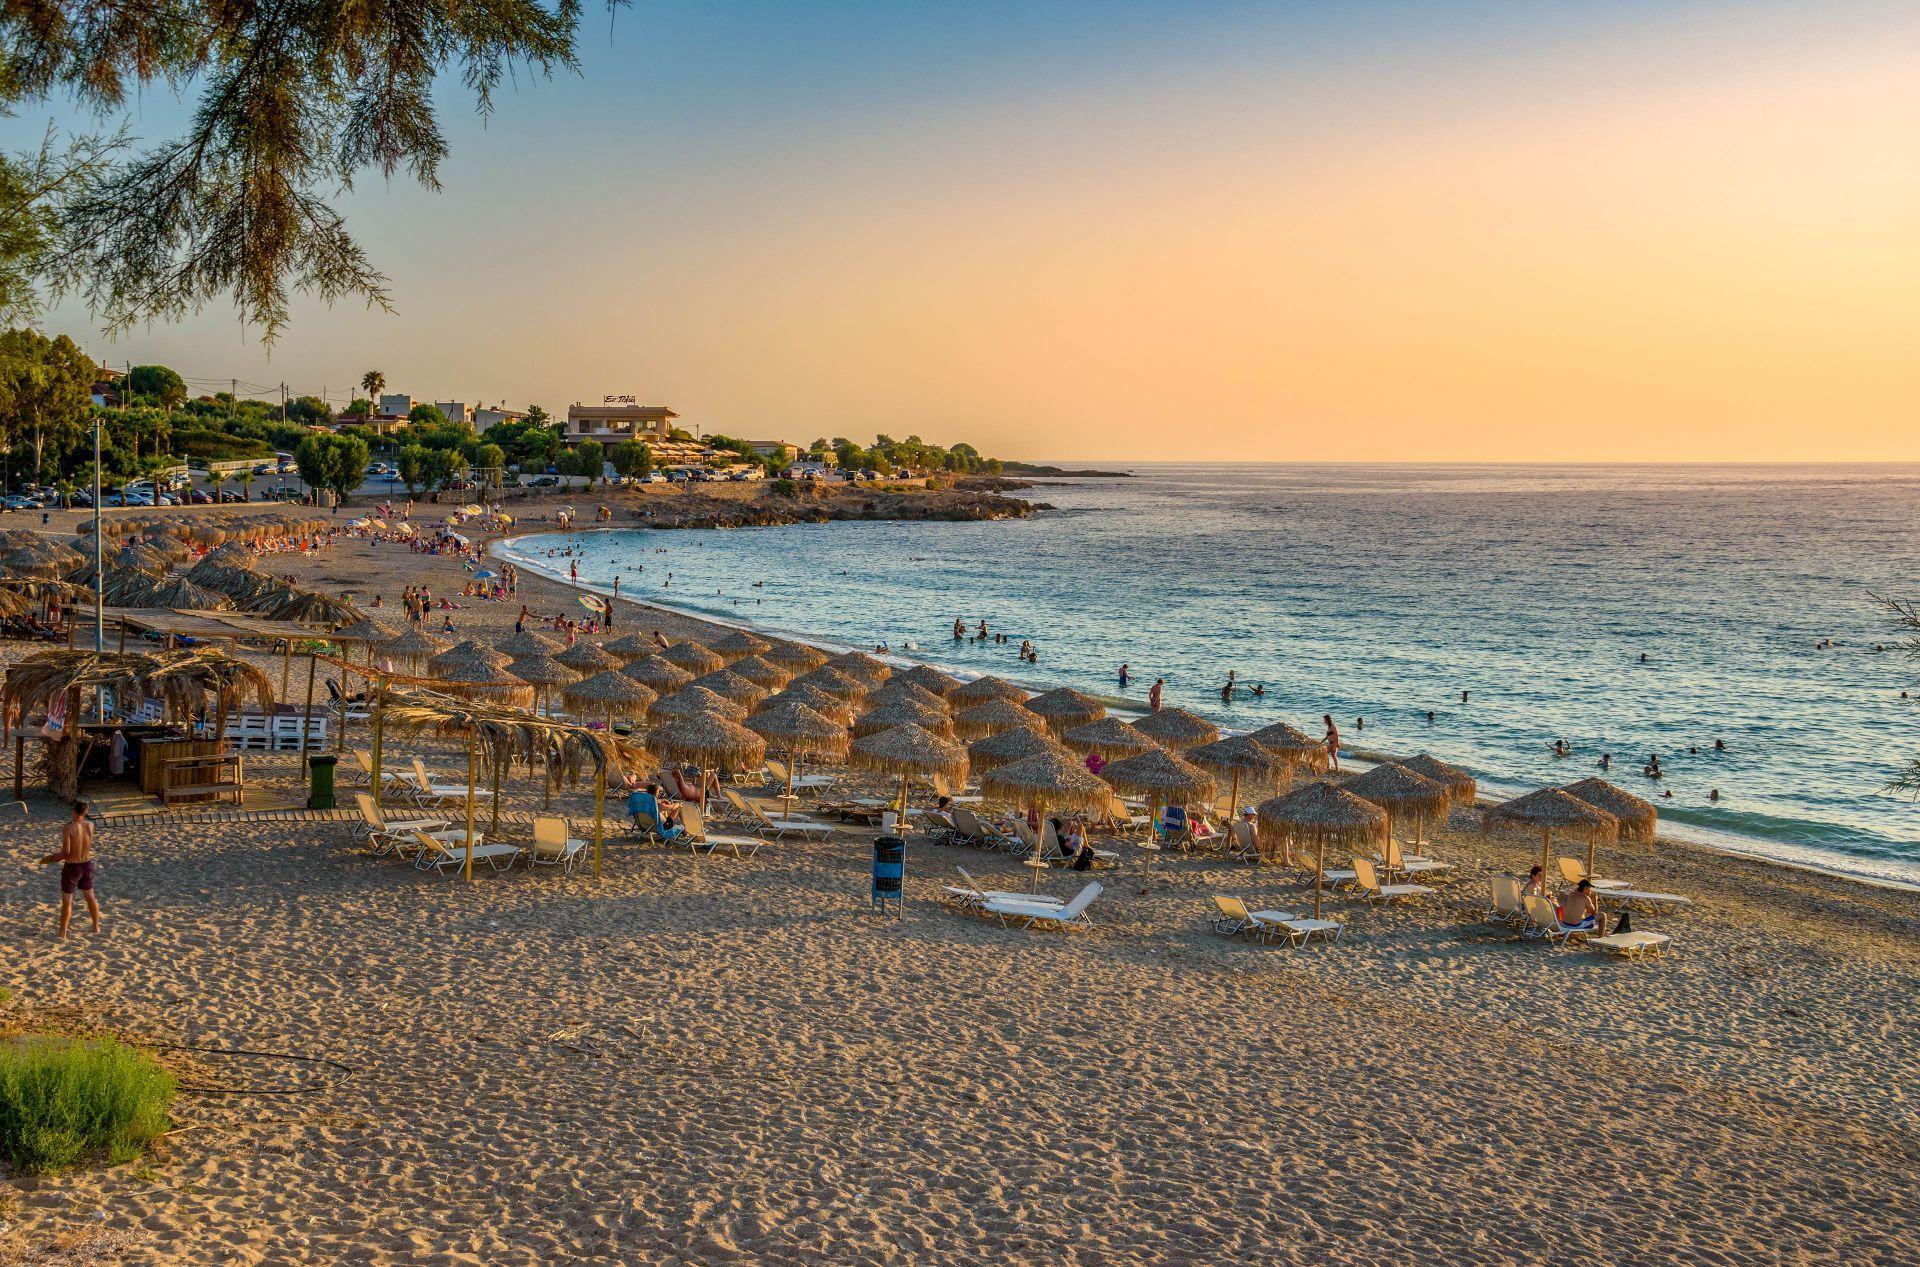 Kyparissia: Beaches